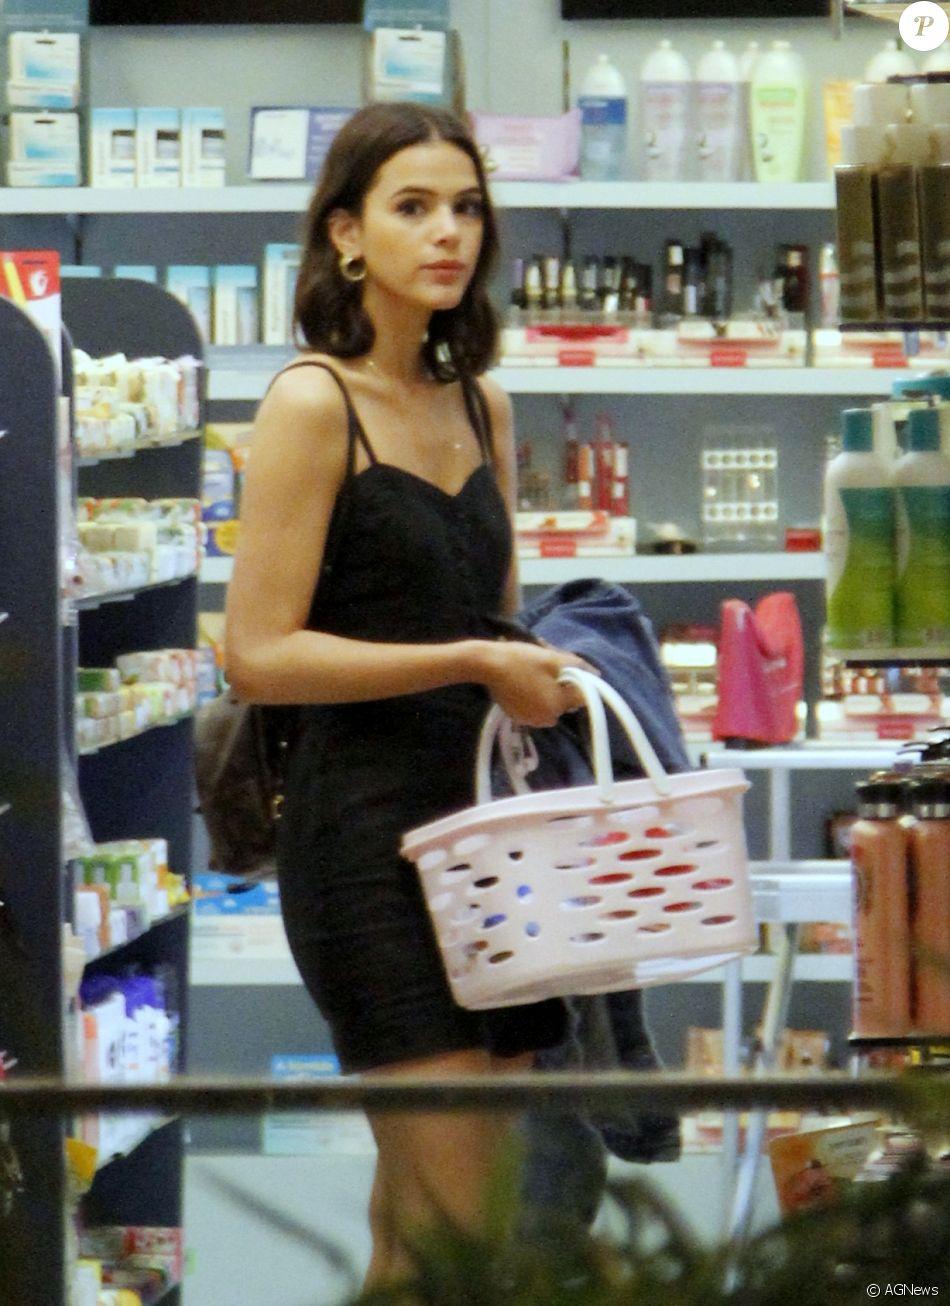 Bruna Marquezine fez compras de cosméticos na drogaria Discover,no shopping Village Mall